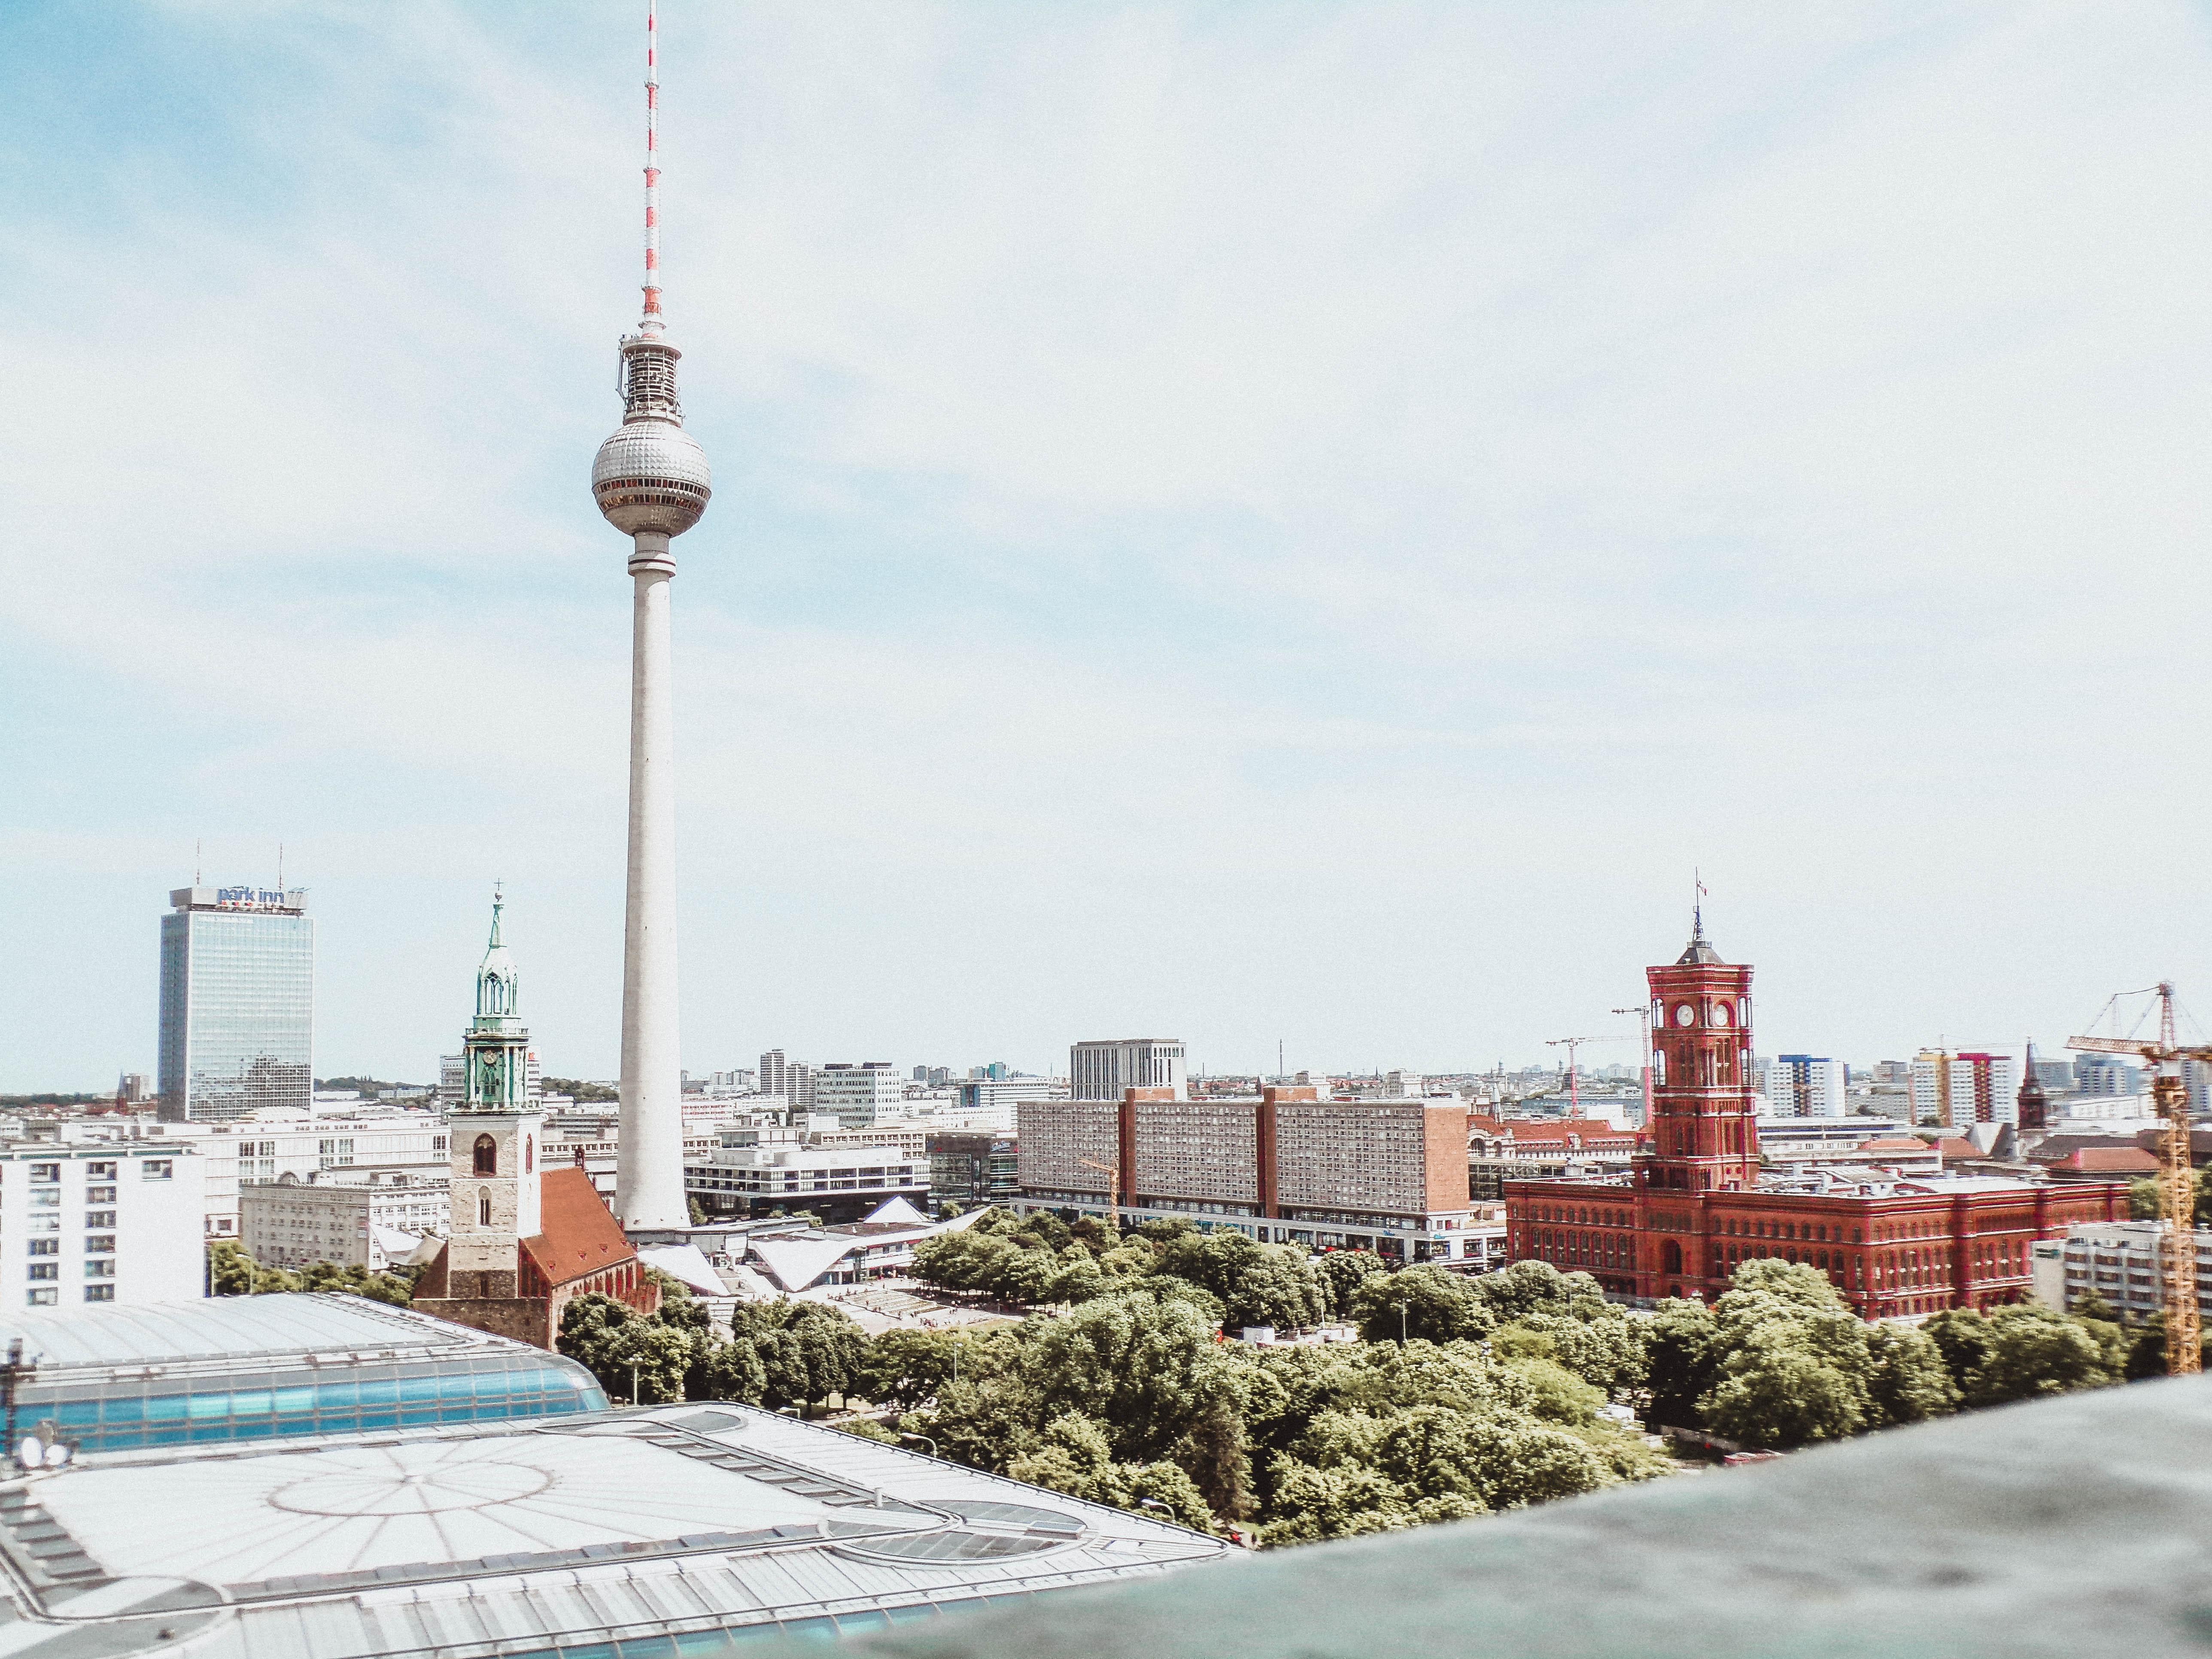 Lebenshaltungskosten in Berlin: Wie teuer ist Berlin wirklich?